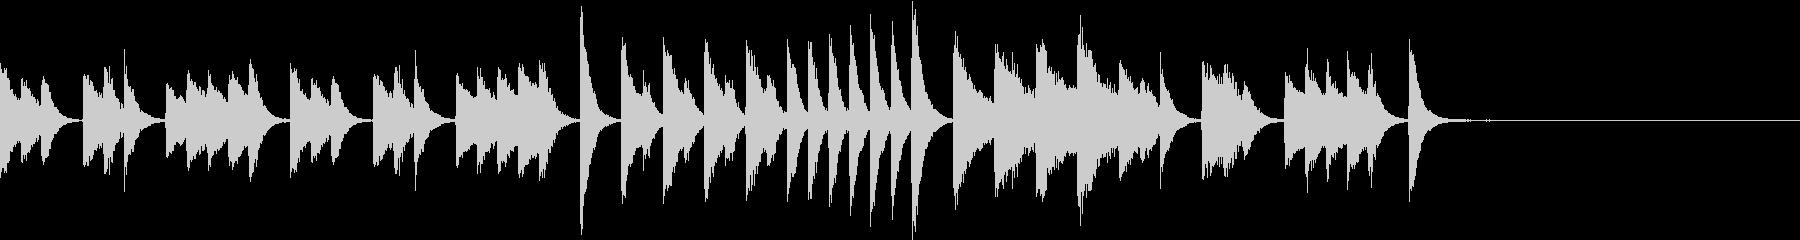 可愛いらしくひょうきんなピアノジングルの未再生の波形